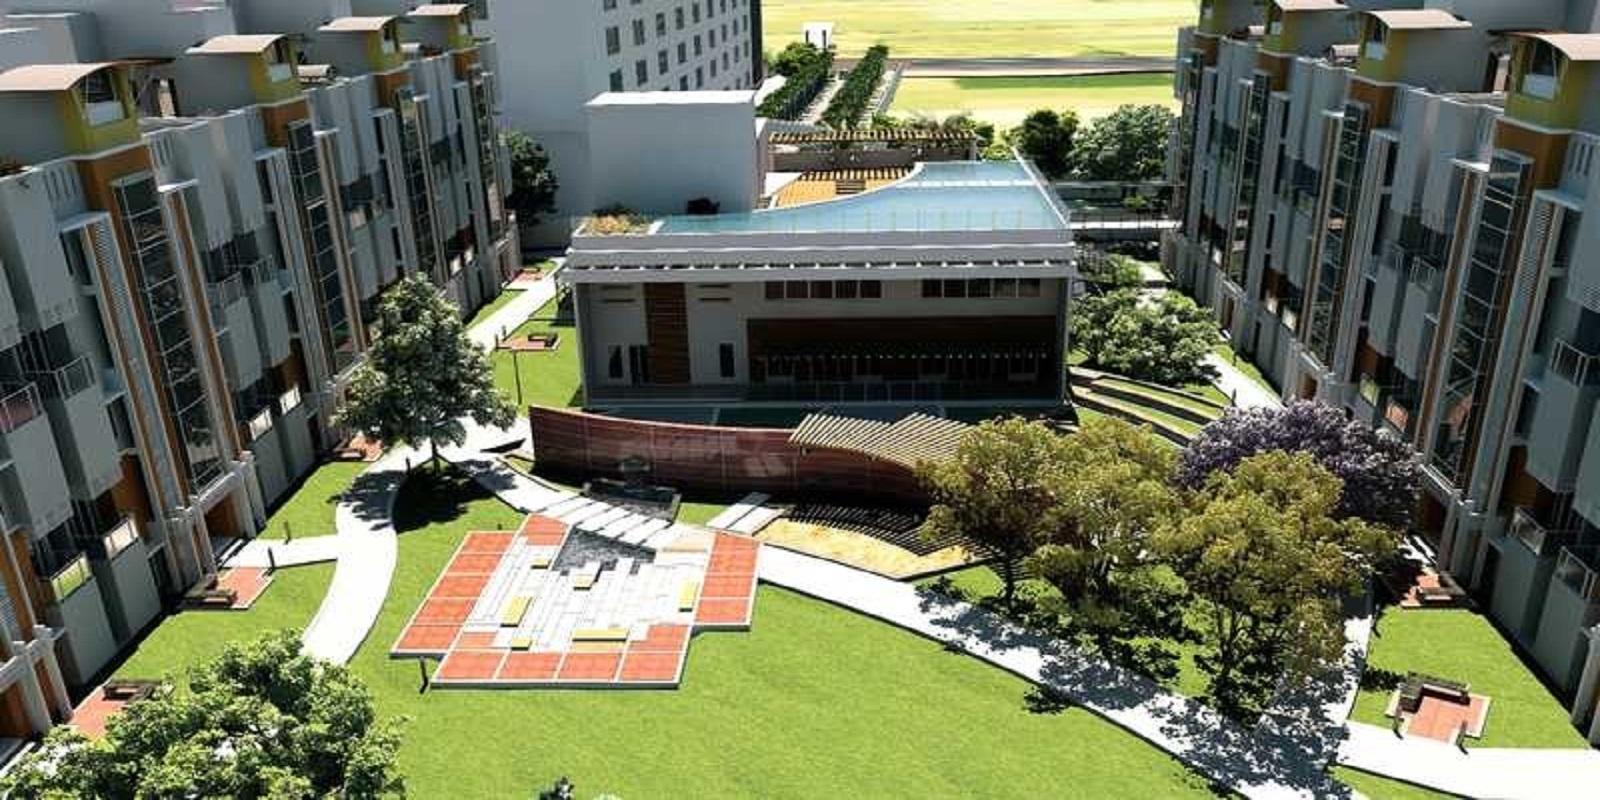 amenities-features-Picture-habitat-crest-3019930